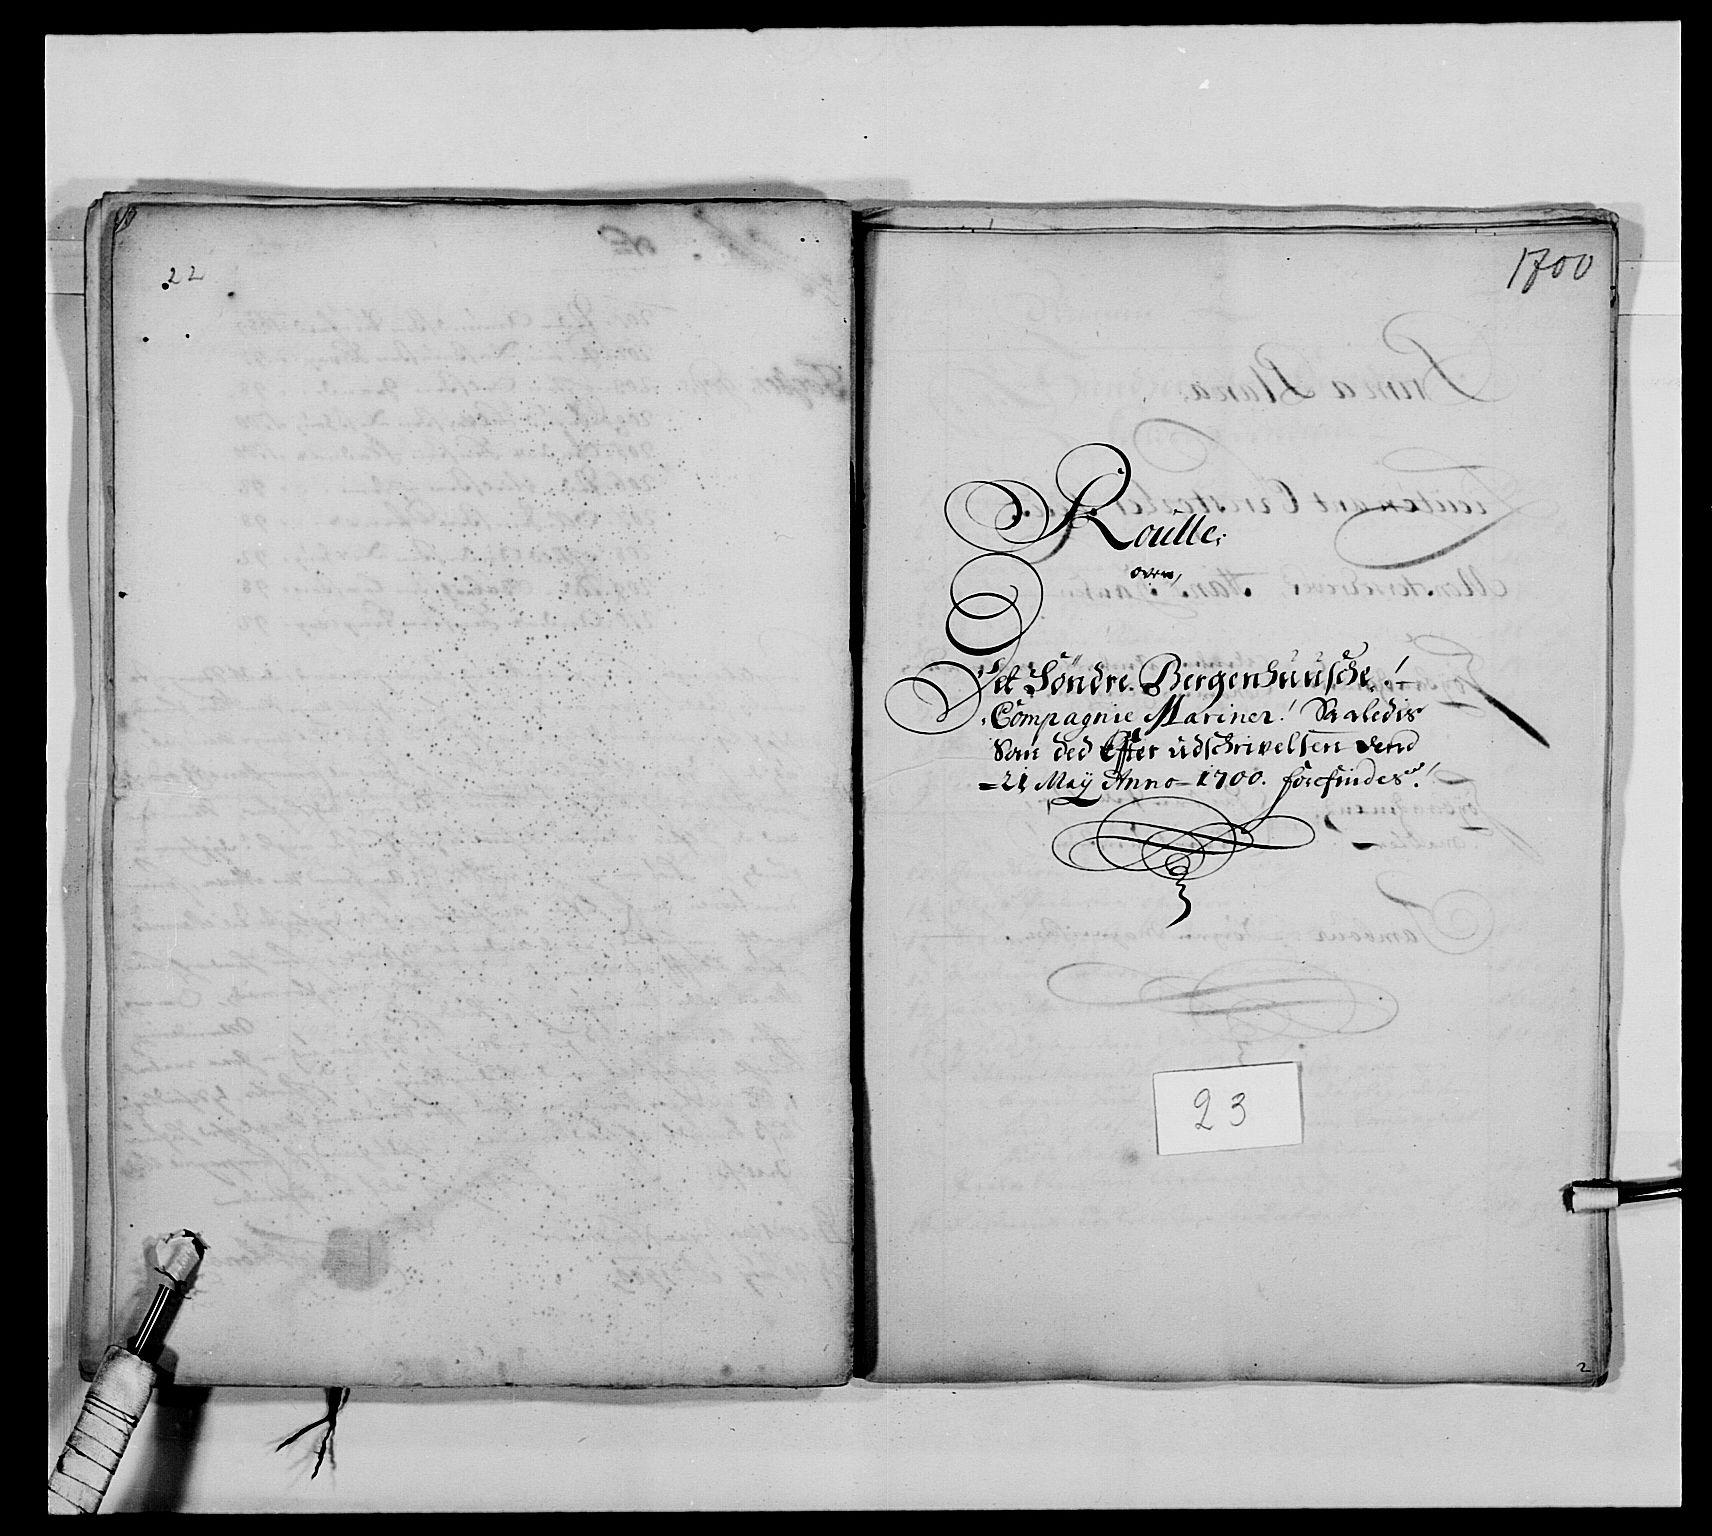 RA, Kommanderende general (KG I) med Det norske krigsdirektorium, E/Ea/L0473: Marineregimentet, 1664-1700, s. 274